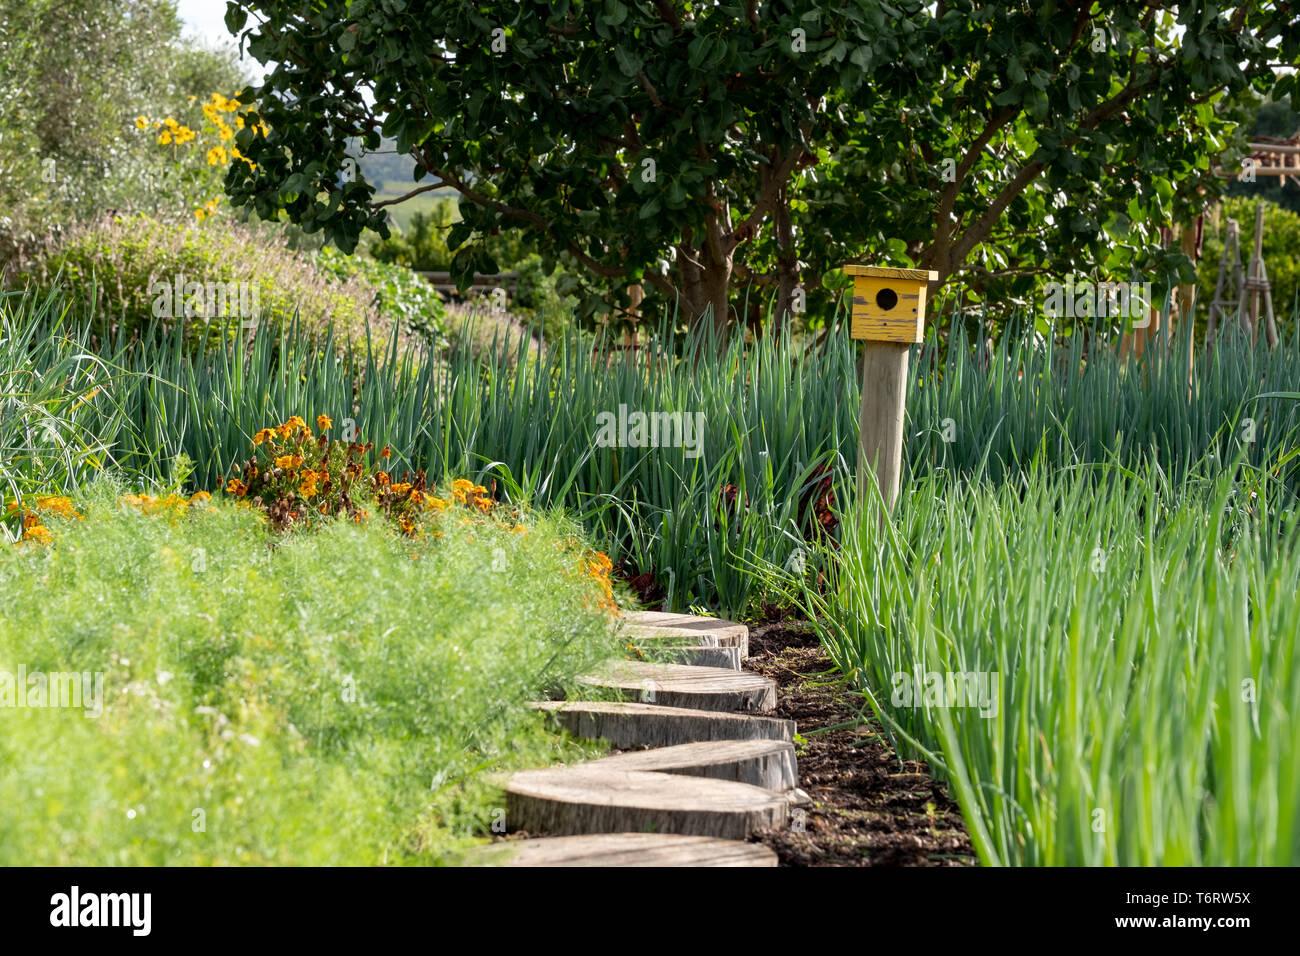 Tranquilo, bien abastecido, jardín, con una gran variedad de plantas y un pájaro amarillo de la casa al final de la ruta. Foto de stock